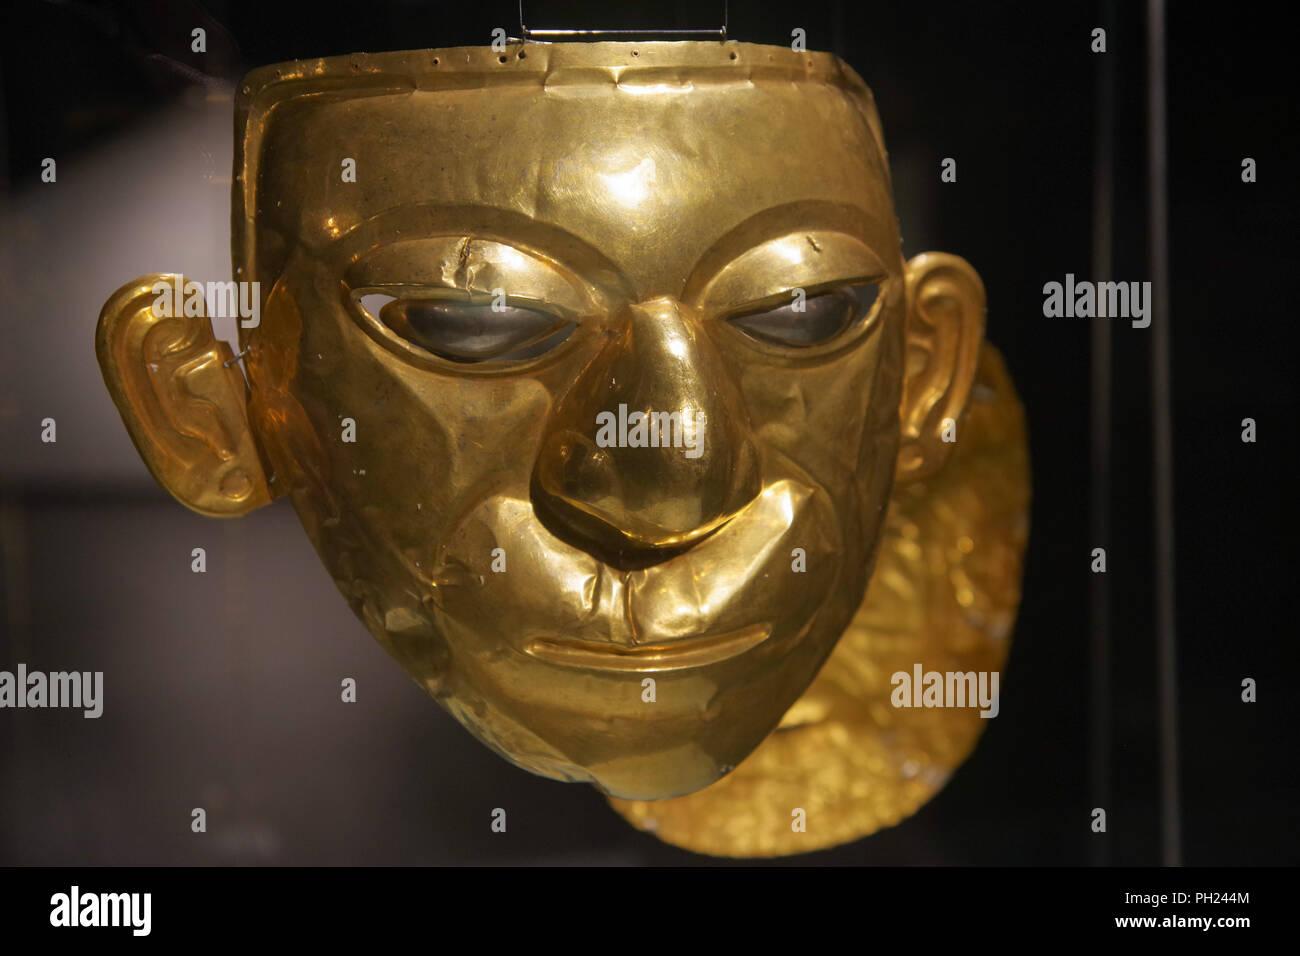 QUITO, ECUADOR - Agosto 24, 2018: Cierre de oro hermoso rostro Inca dentro de el Ágora museo ubicado en la Casa de la Cultura en Quito, Ecuador. Imagen De Stock